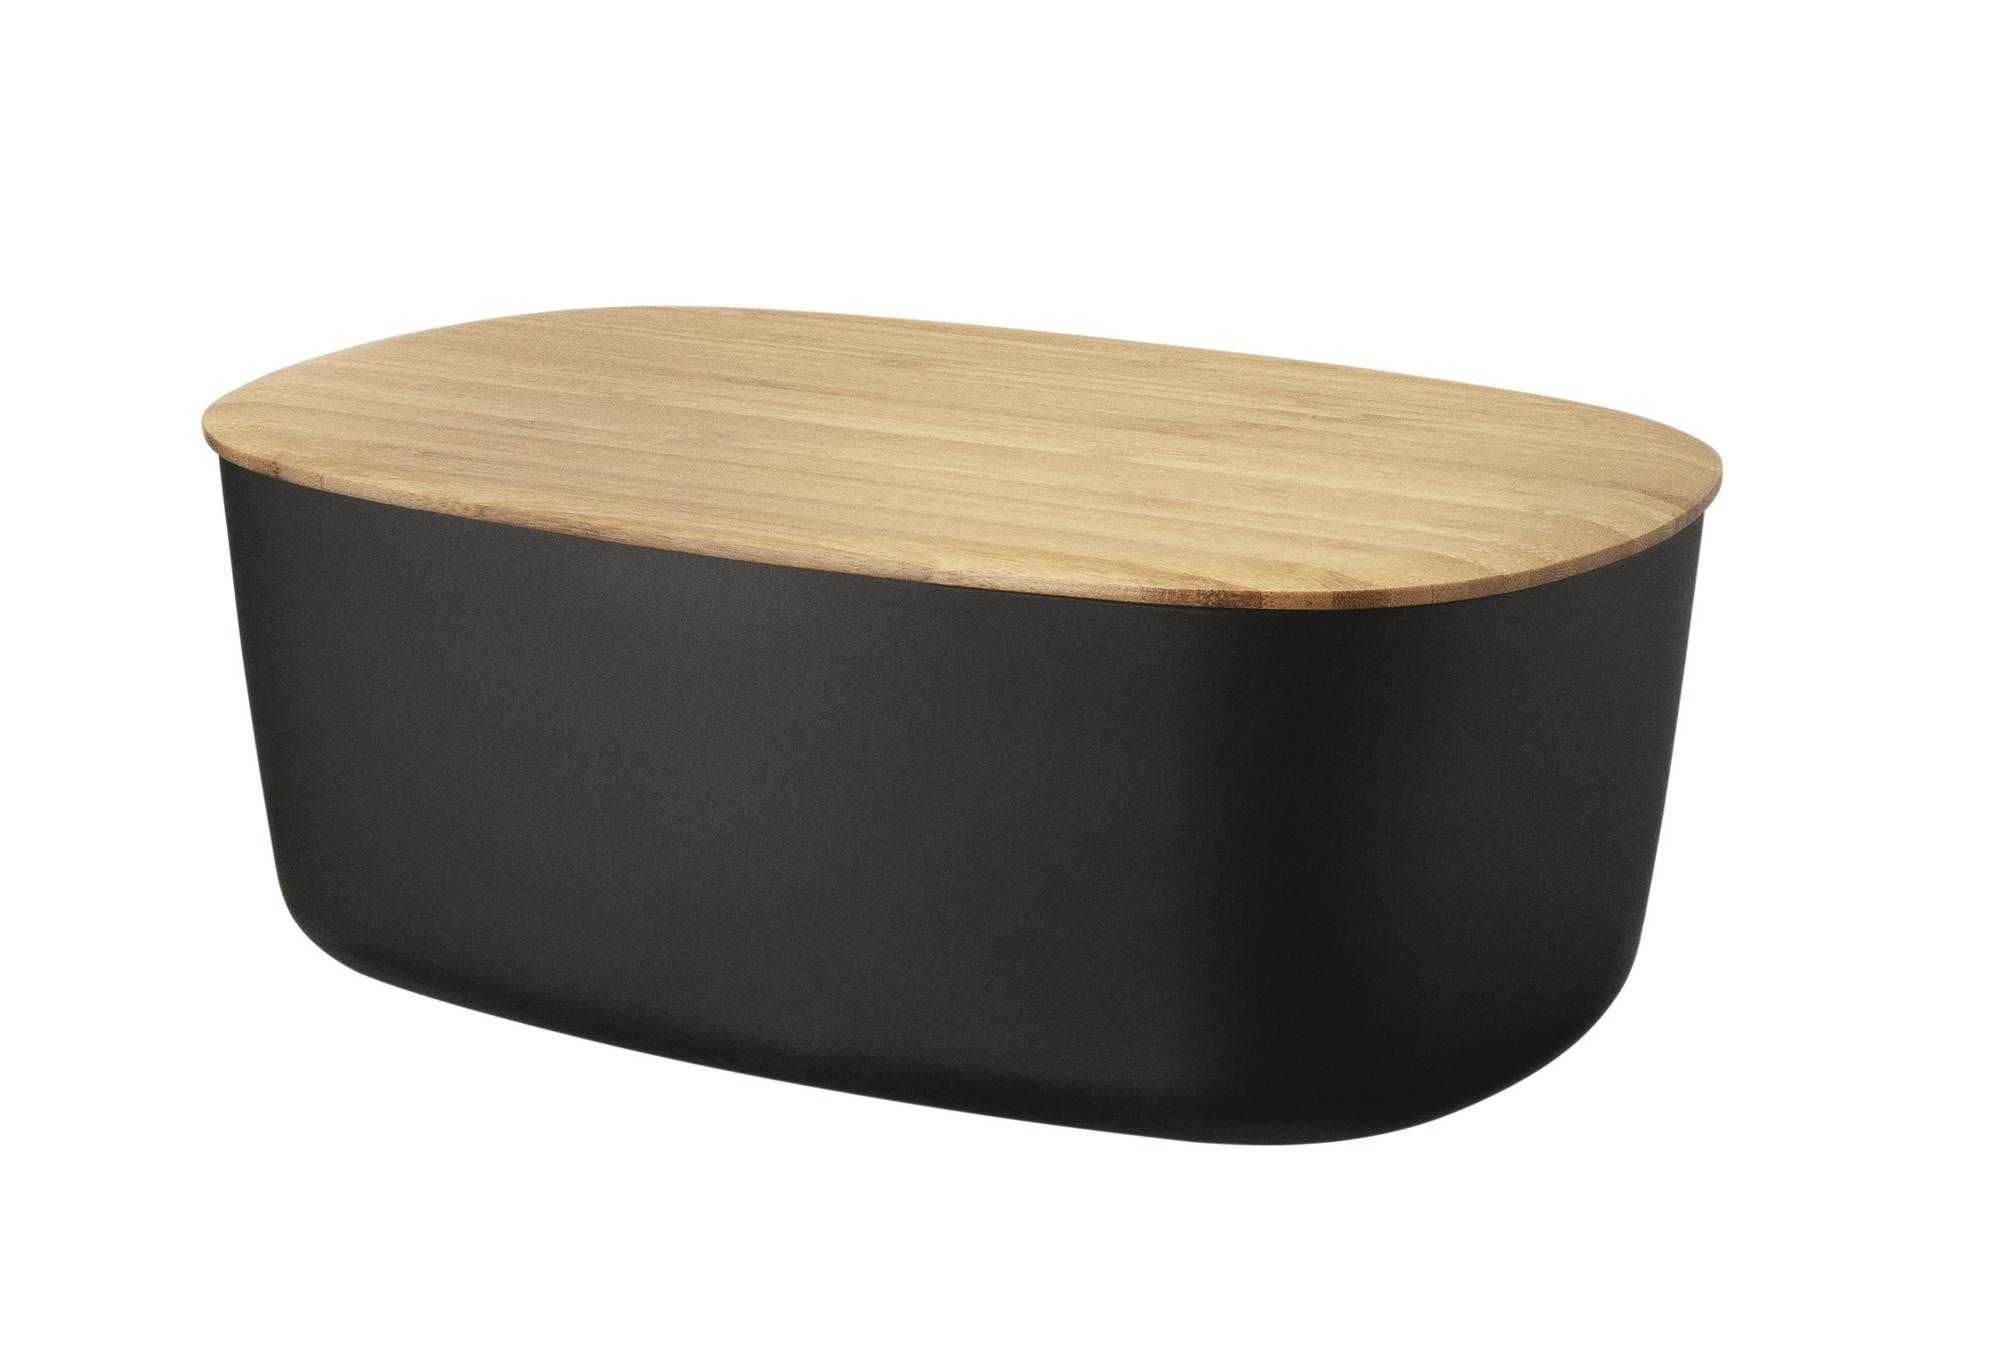 Box-It Brotkasten Weiss RIG TIG by Stelton